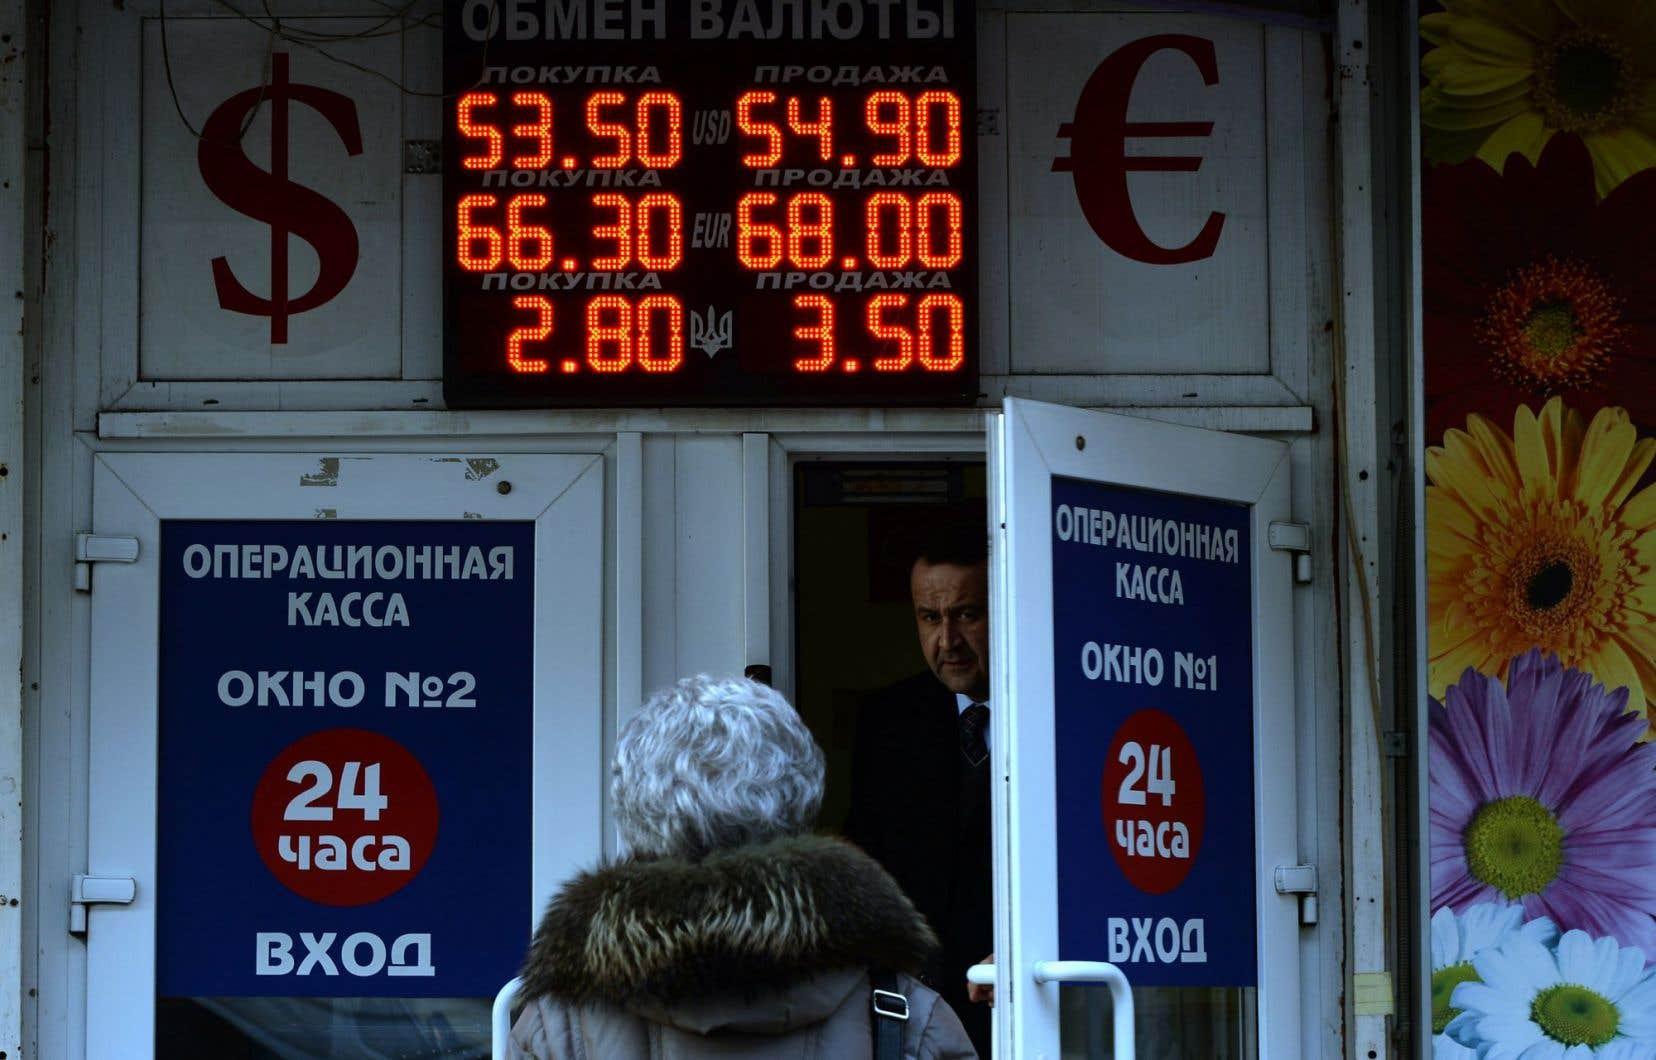 La chute du rouble a amené beaucoup de Russes à convertir leur monnaie.